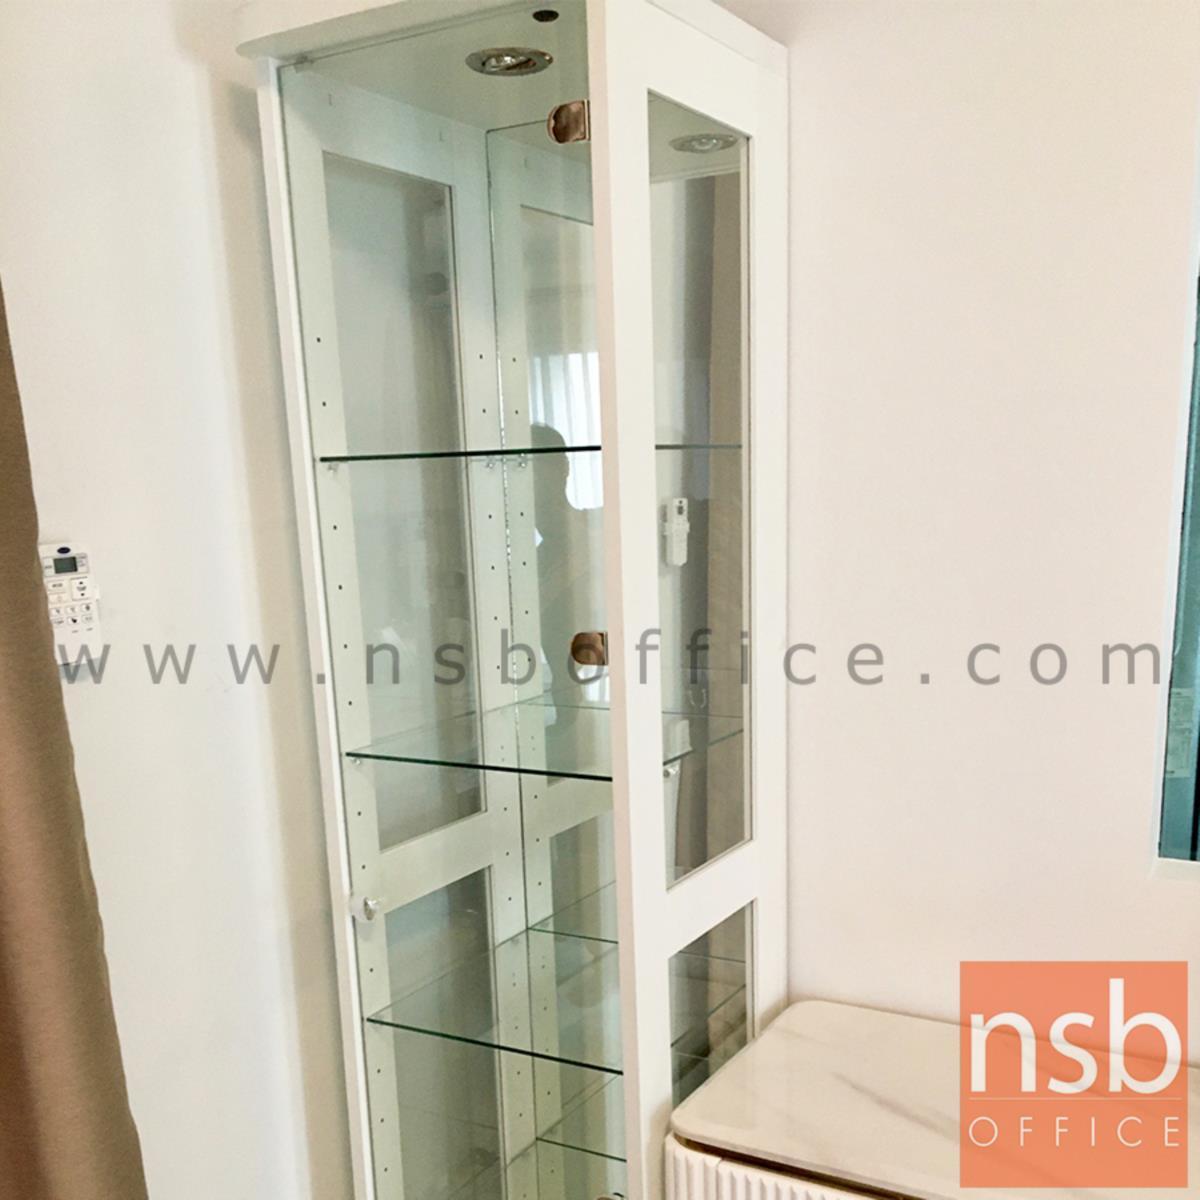 ตู้โชว์กระจกดาวน์ไลท์    ขนาด 40W*40D*190H cm. มีไฟในตัว (หลังกระจกเงา)